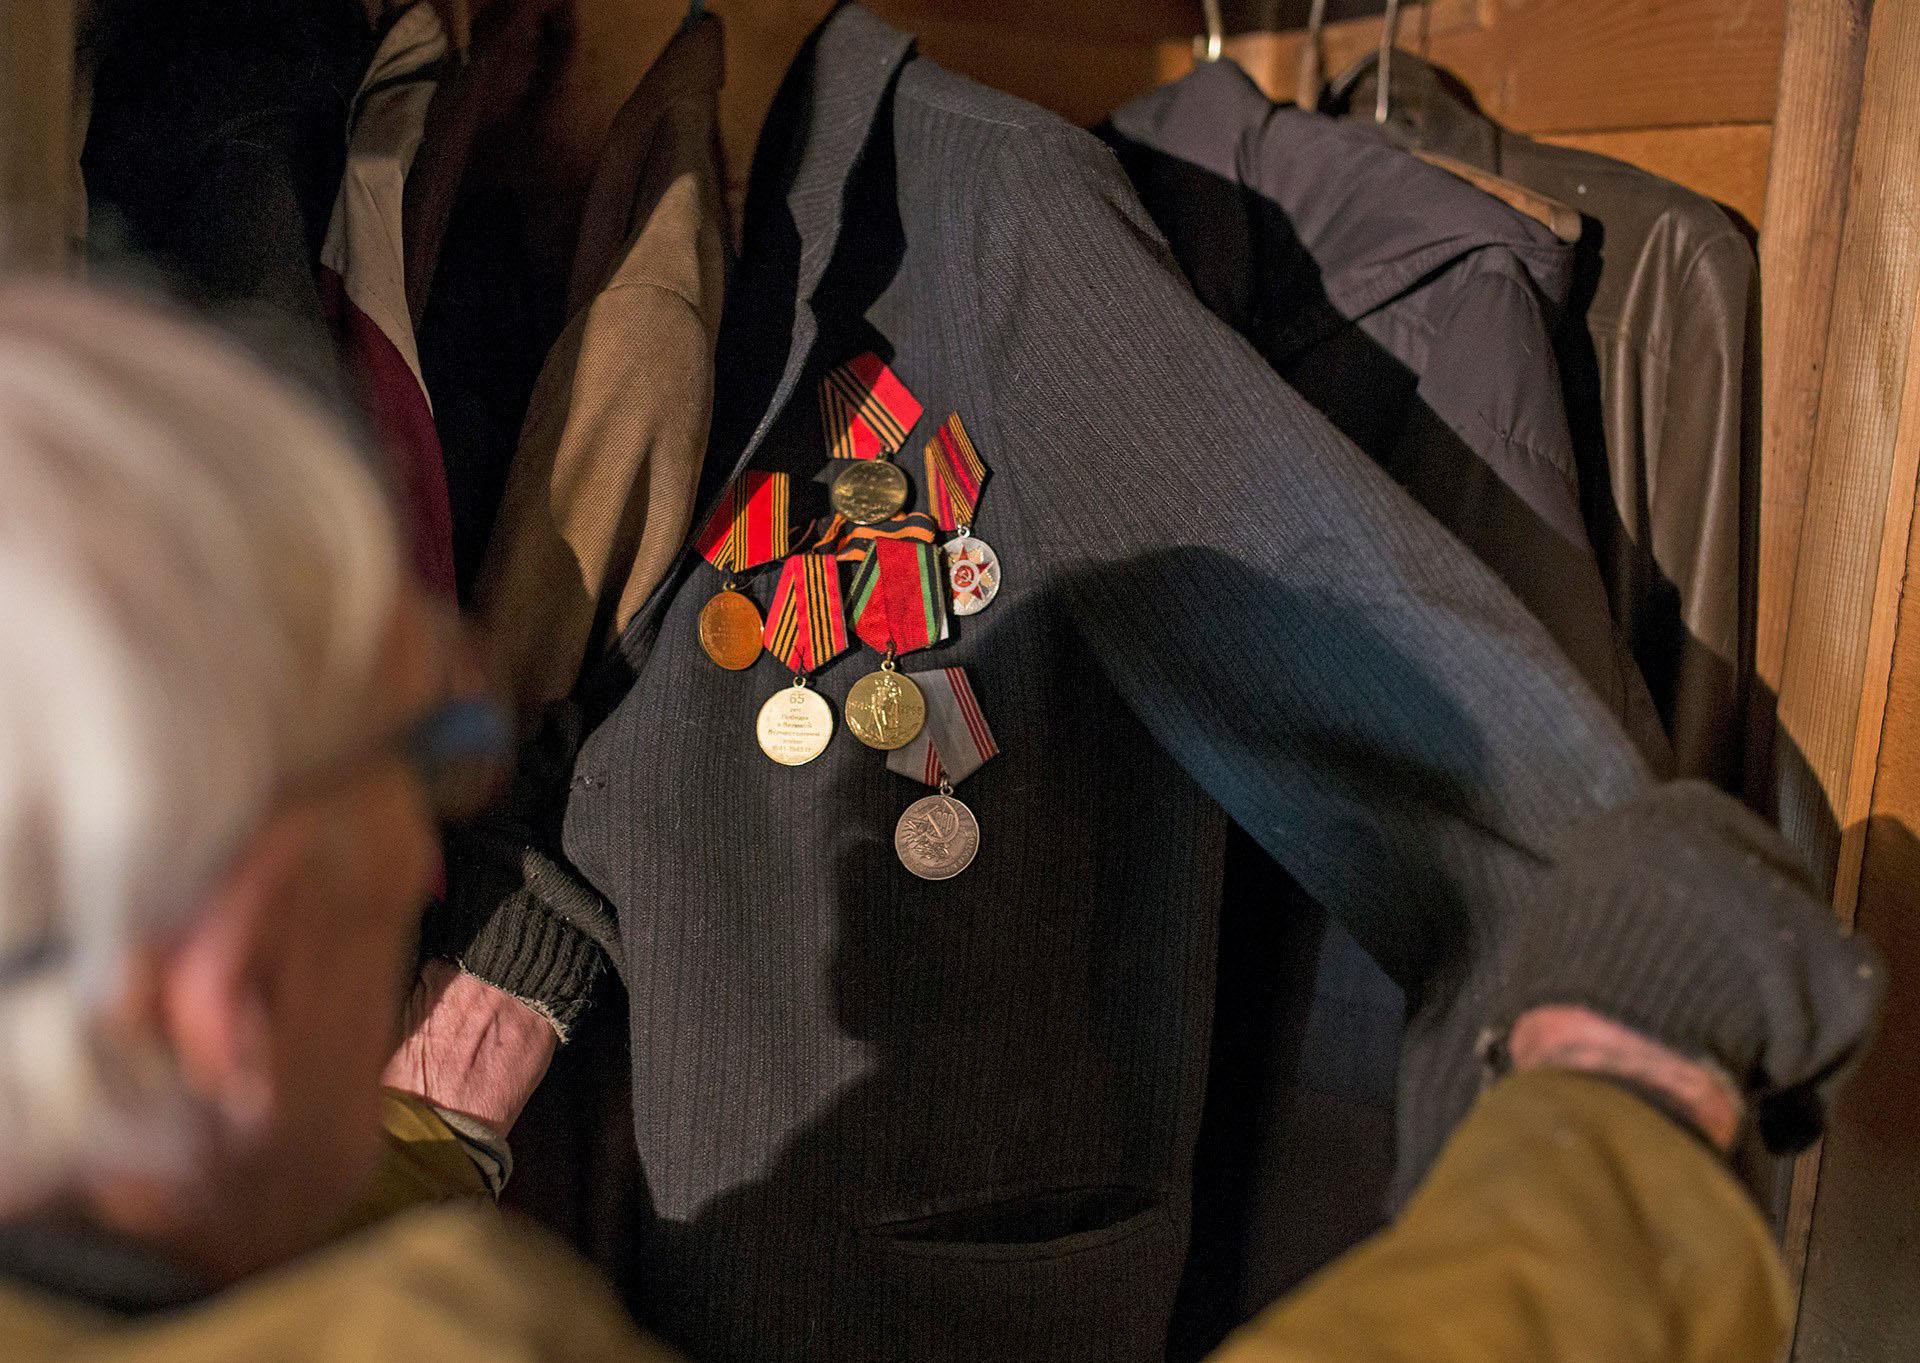 Дедушка показал медали, которые бережно хранит